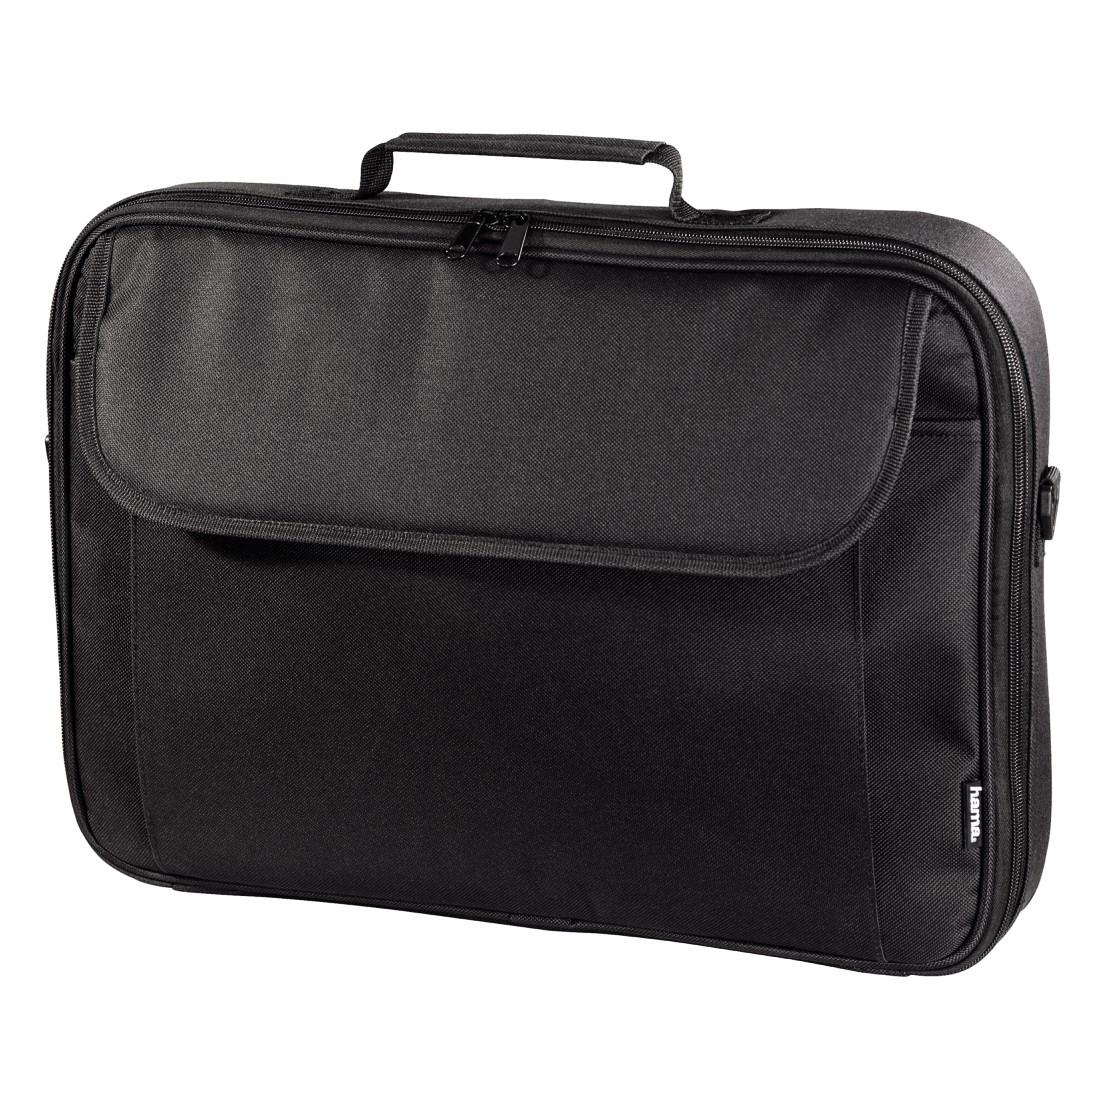 Сумка для ноутбука 17.3 Hama Sportsline Montego, Black (00101087) сумка для ноутбука hama sportsline montego 17 3